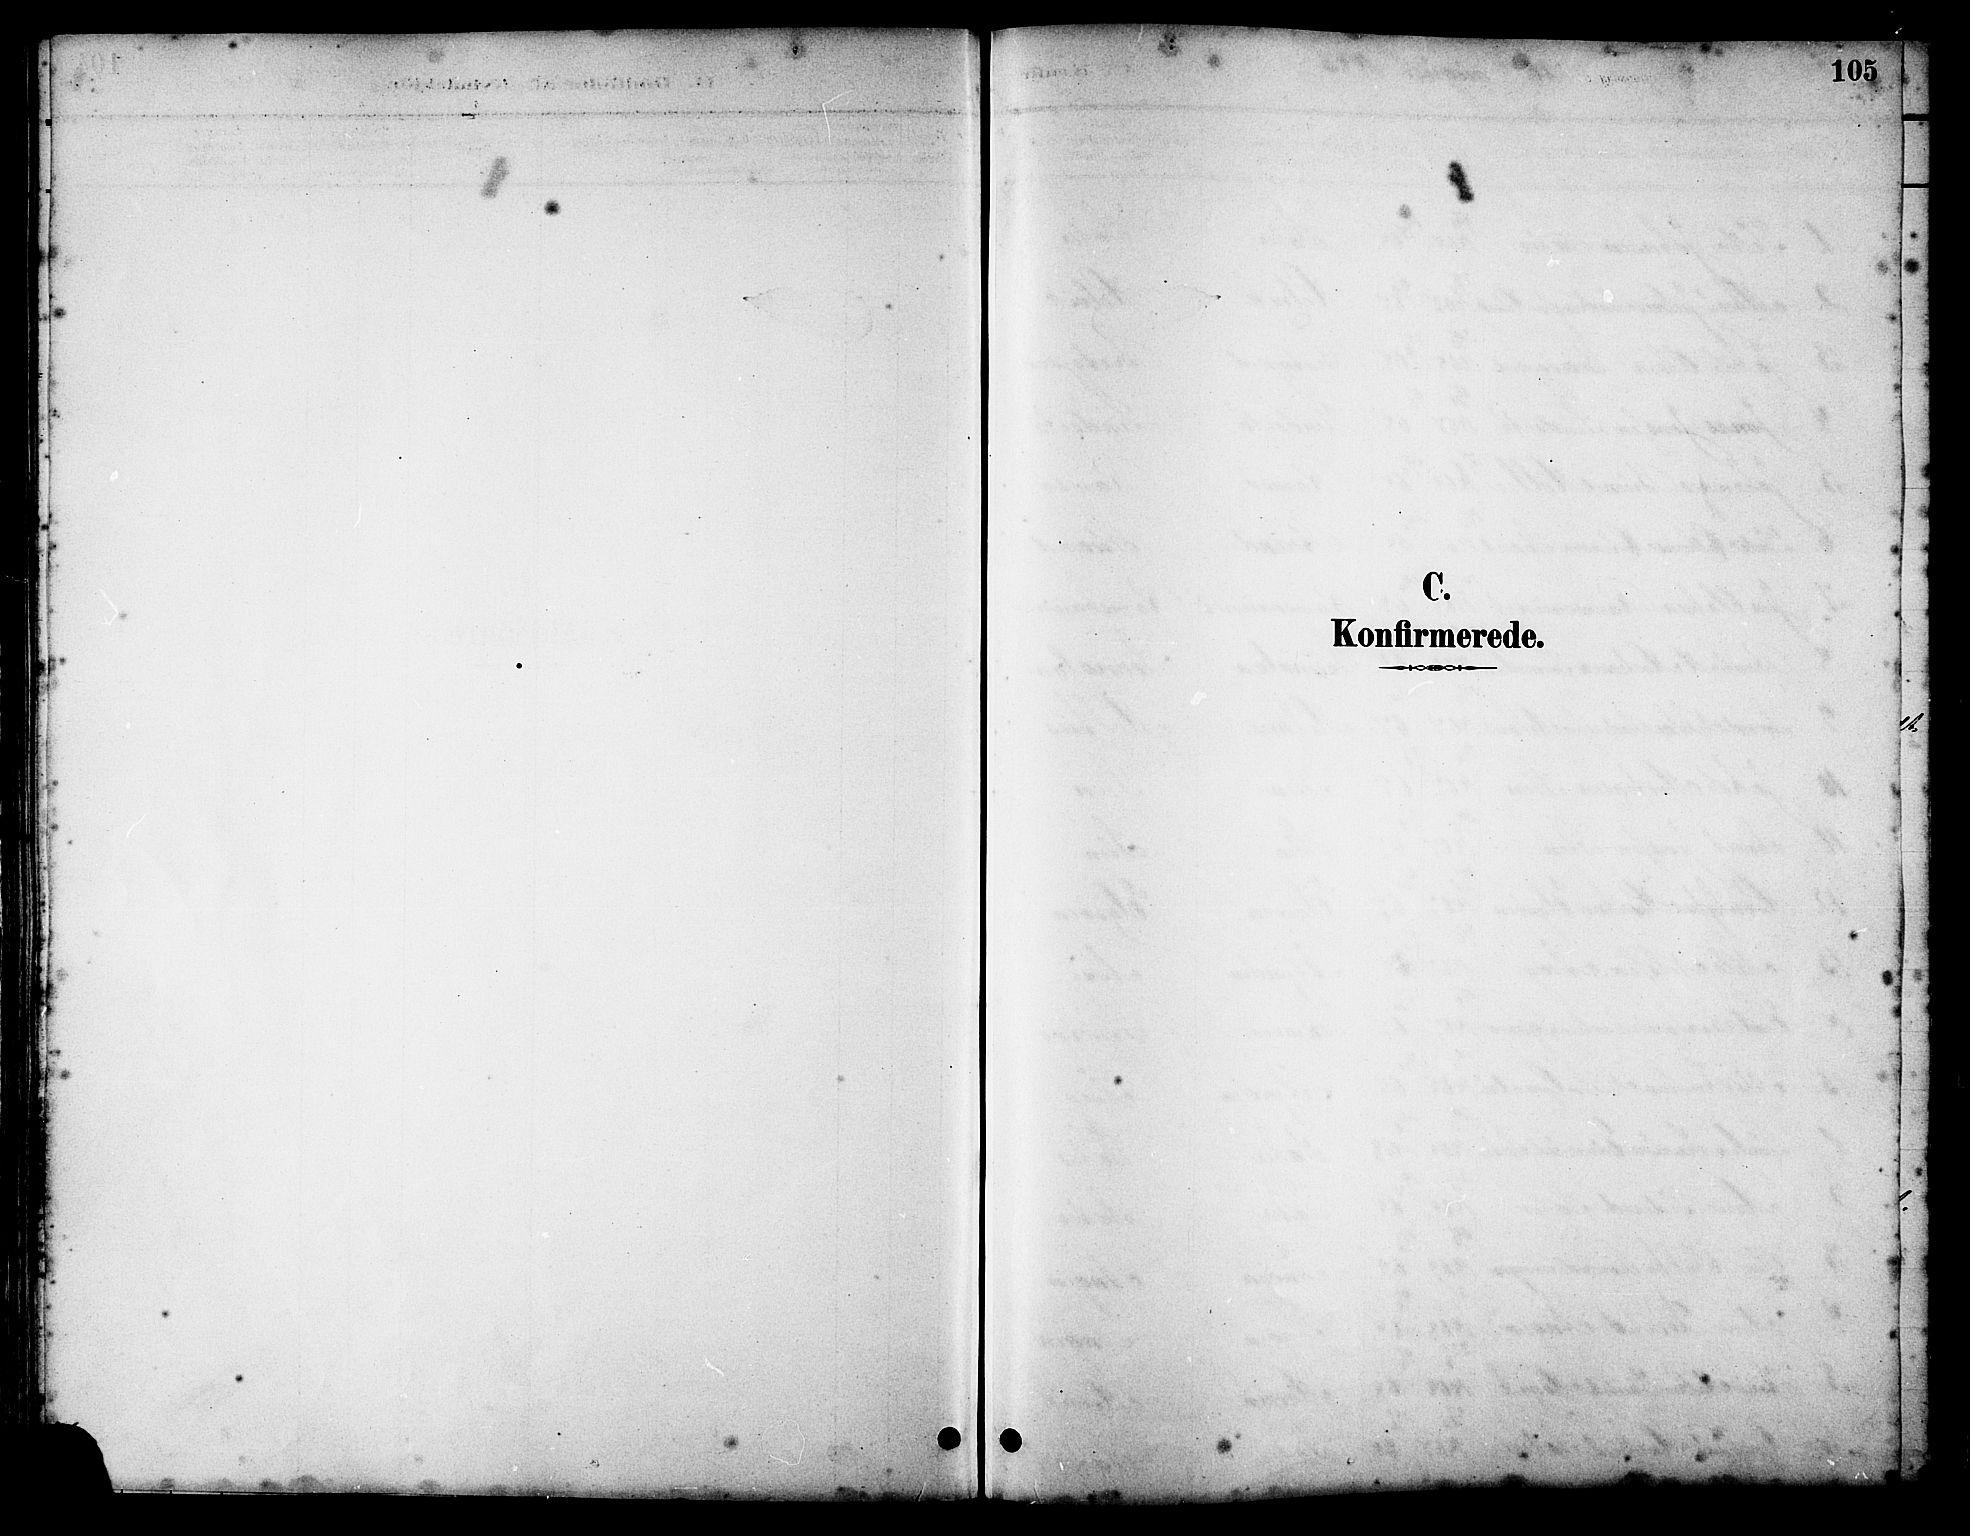 SAT, Ministerialprotokoller, klokkerbøker og fødselsregistre - Sør-Trøndelag, 658/L0726: Klokkerbok nr. 658C02, 1883-1908, s. 105